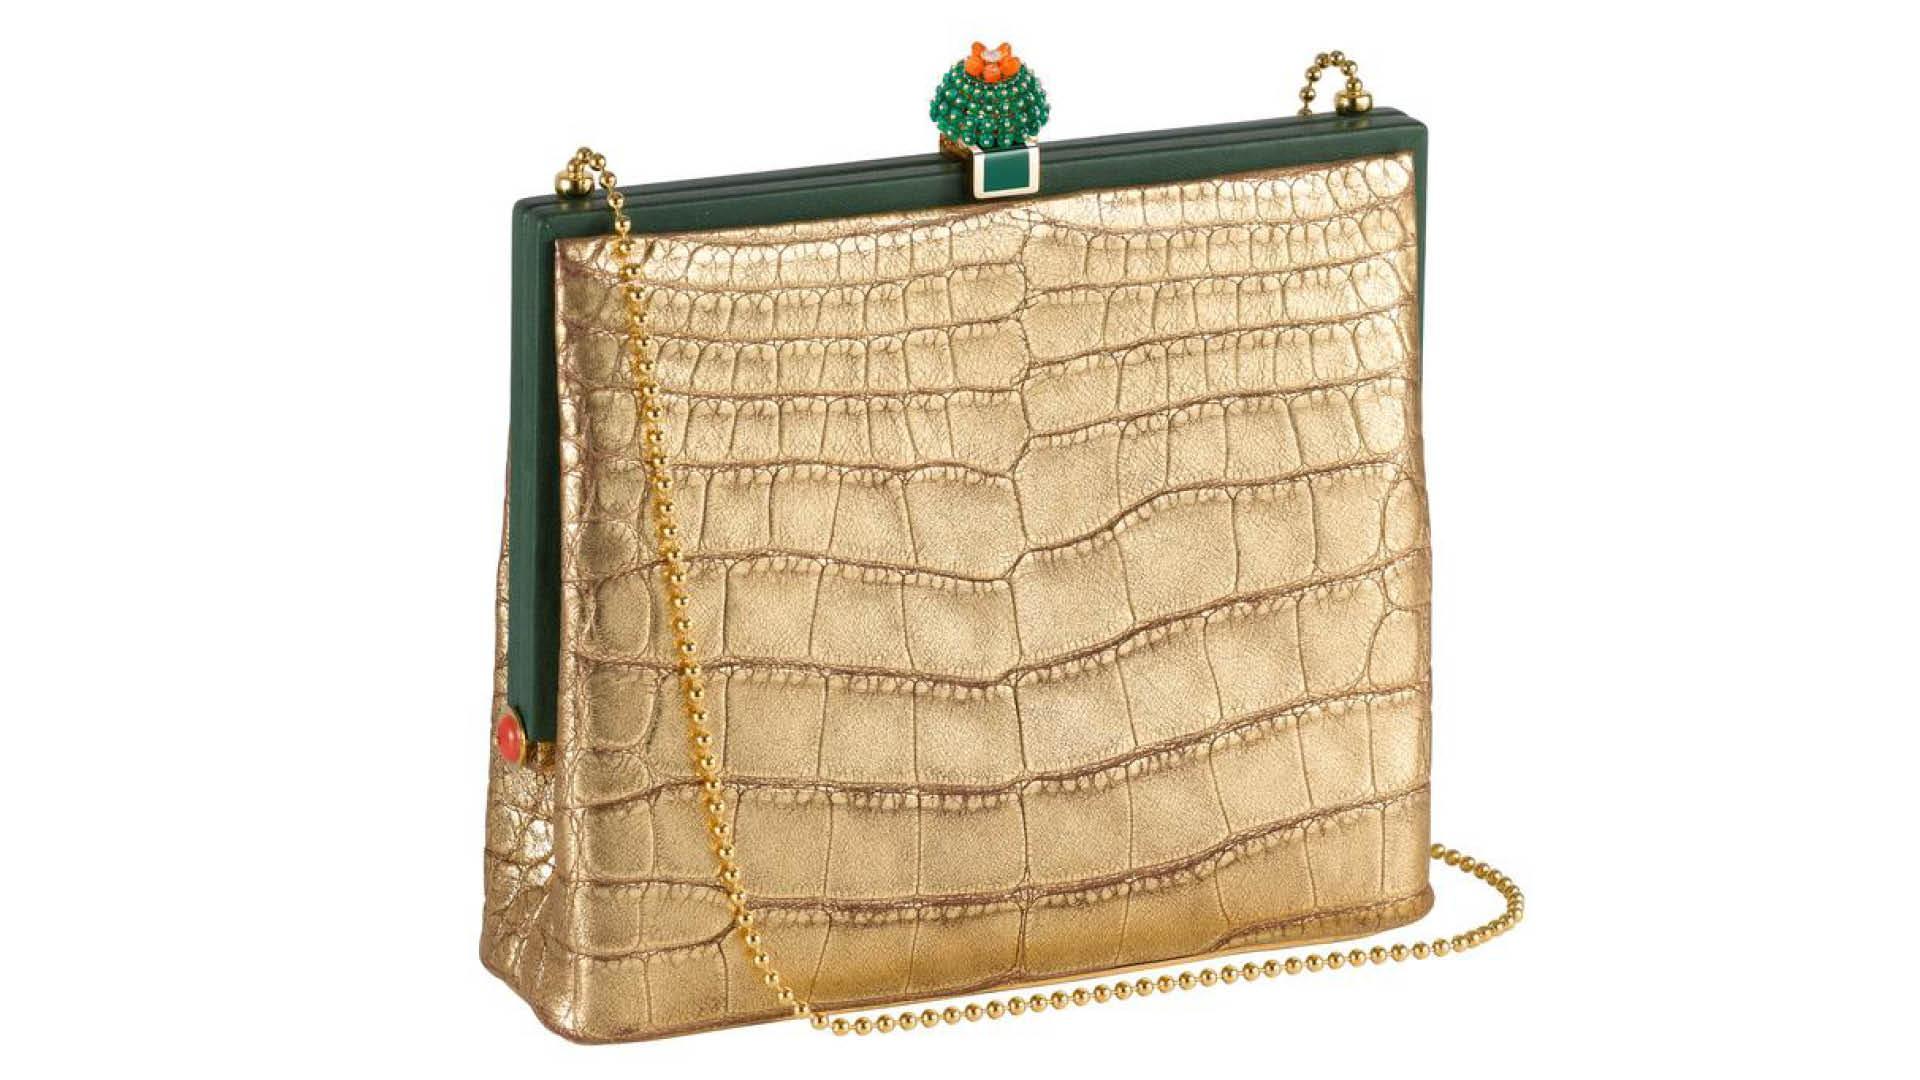 Cactus de Cartier handbag with brooch clasp